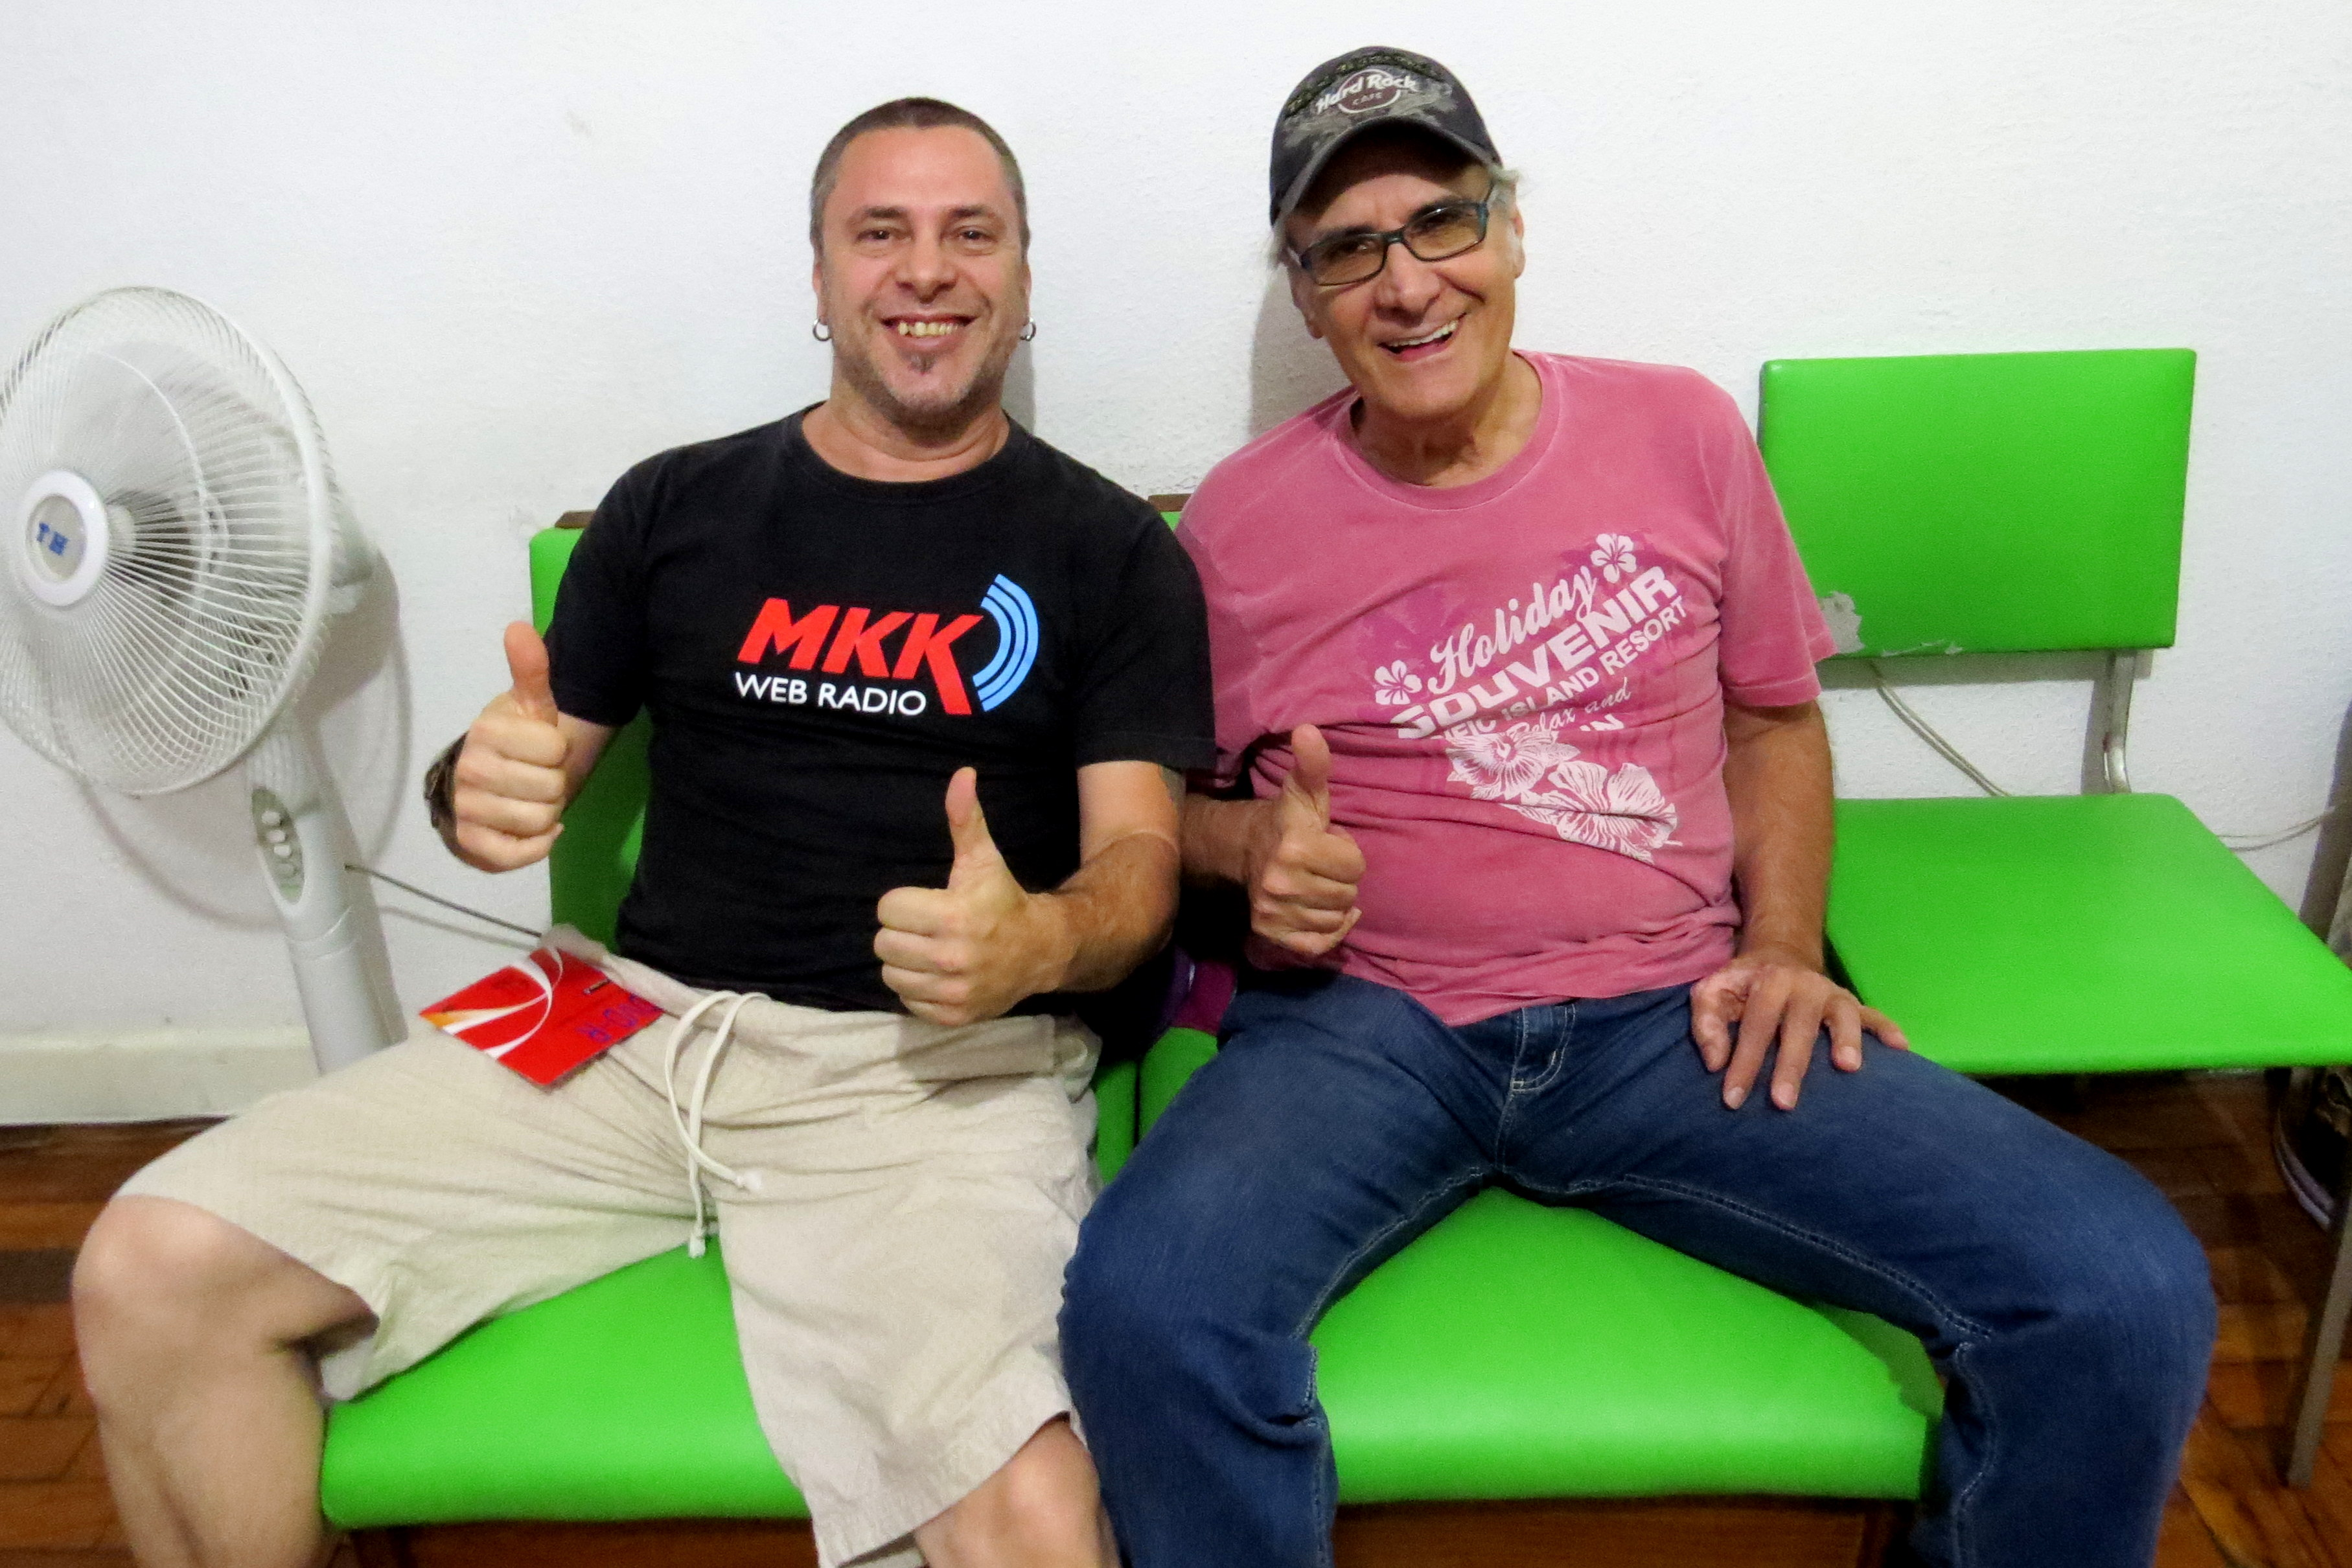 Markko Mendes e Netinho